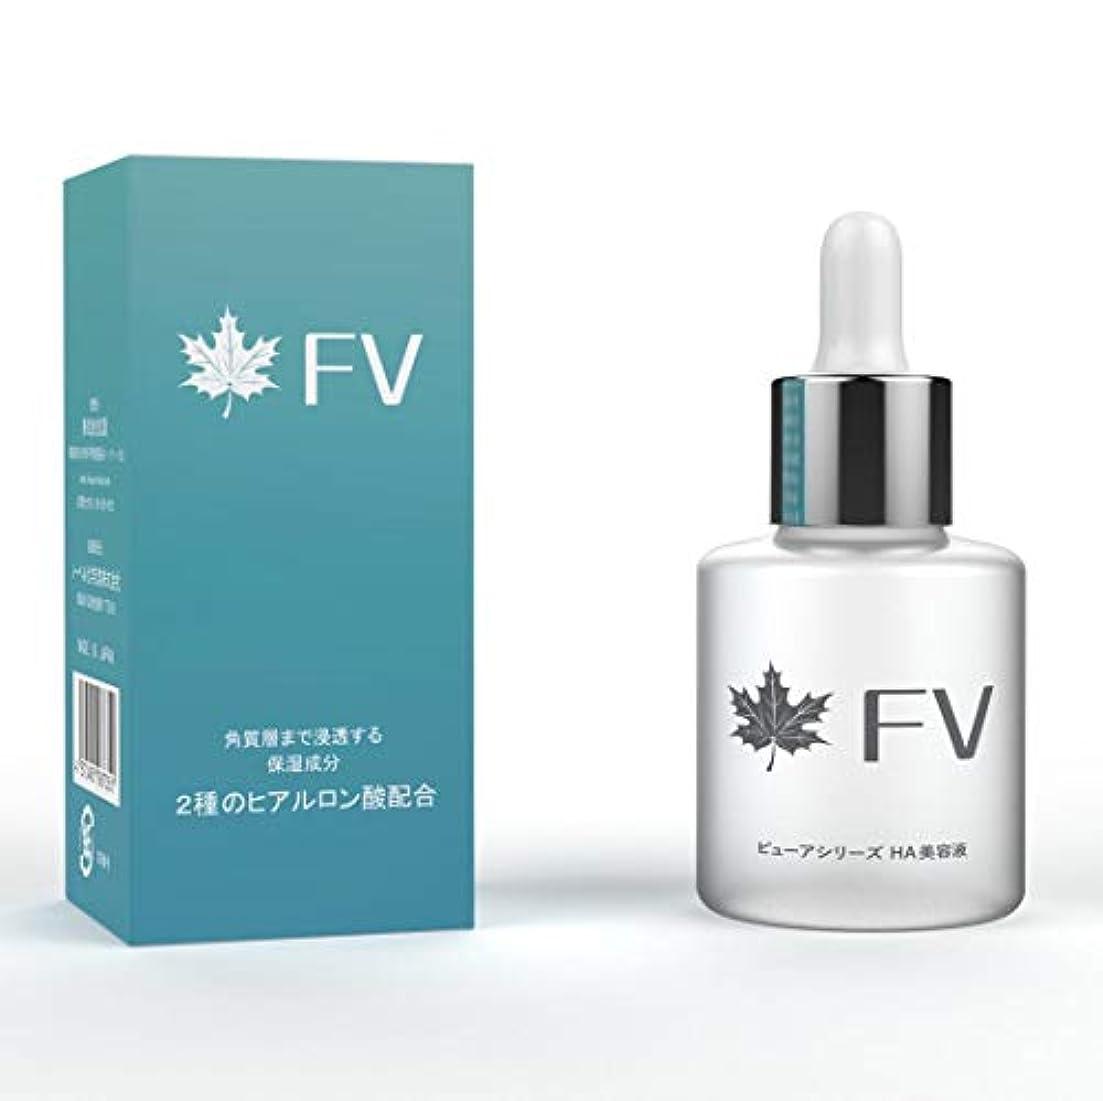 立場ブラケット危険にさらされているFV ヒアルロン酸原液(美容液)30ml 高分子超保湿キャッチ型と低分子修復リペア型 2種のヒアルロン酸  日本製